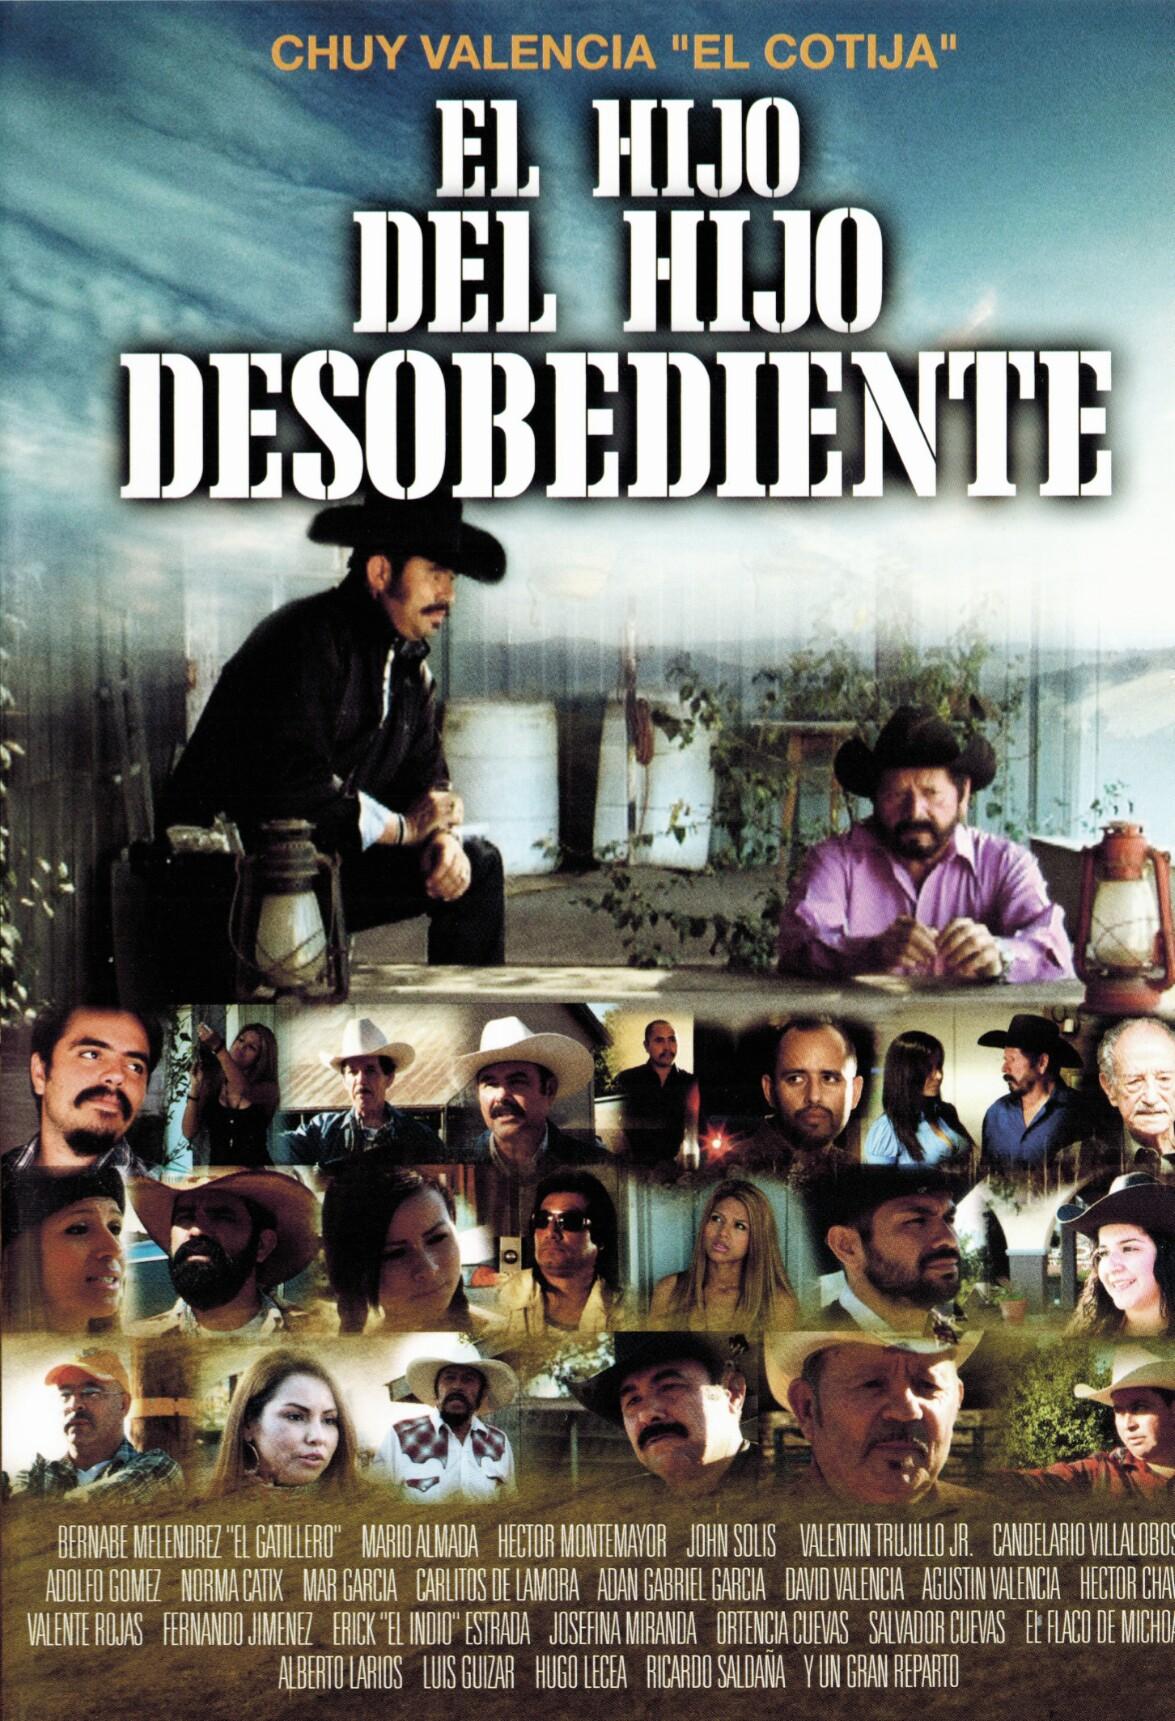 Mario Almada, Bernabé Melendrez, Hector Montemayor, Valentin Trujillo Jr., John Solis, and Chuy Valencia El Cotija in El Hijo Del Hijo Desobediente (2014)